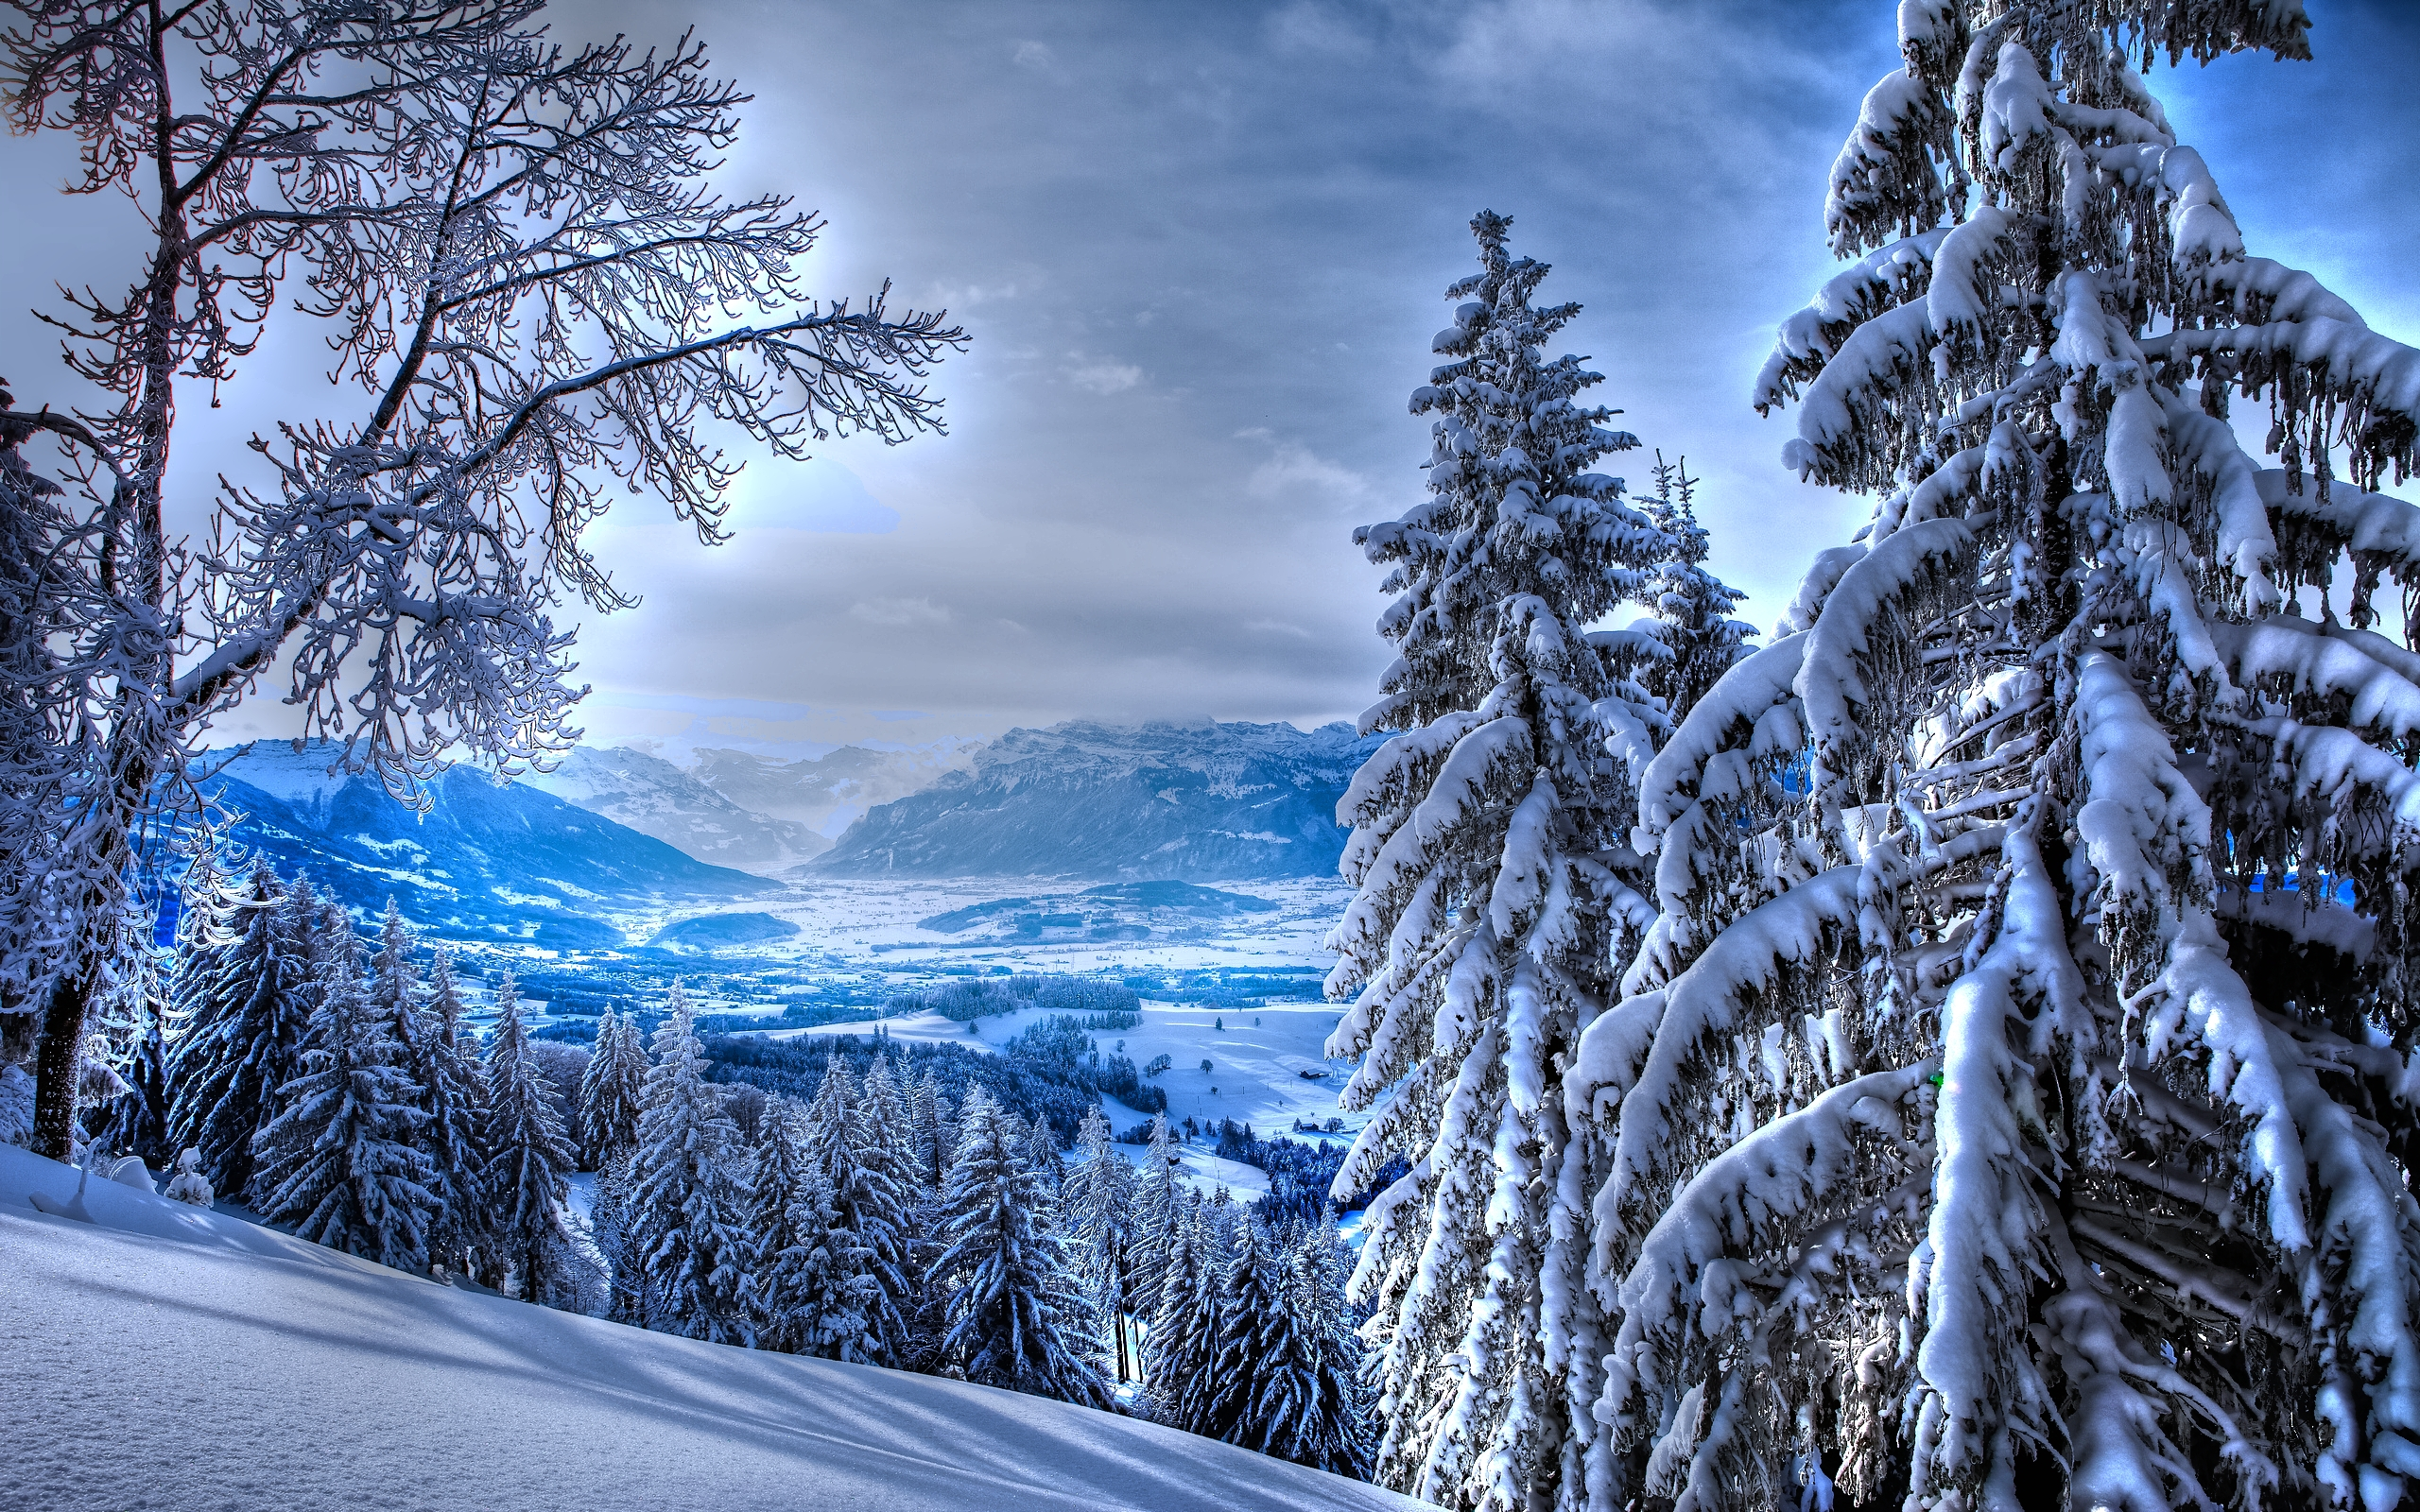 природа снег зима деревья горы  № 2577075 без смс